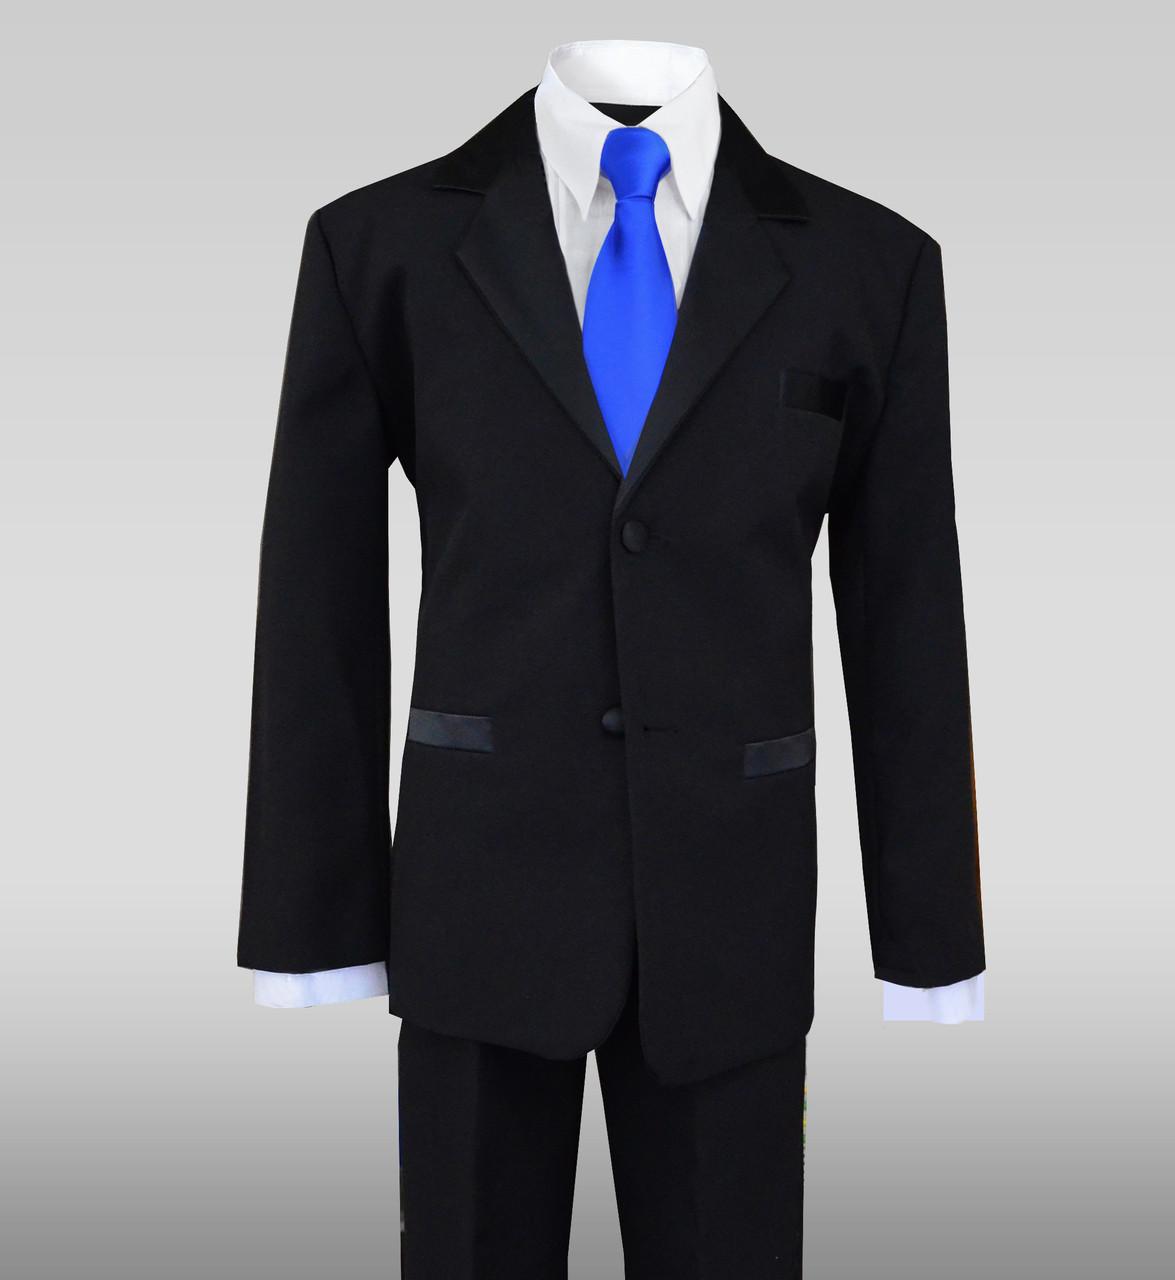 Boys Tuxedo Suit Dresswear In Black With Royal Blue Long